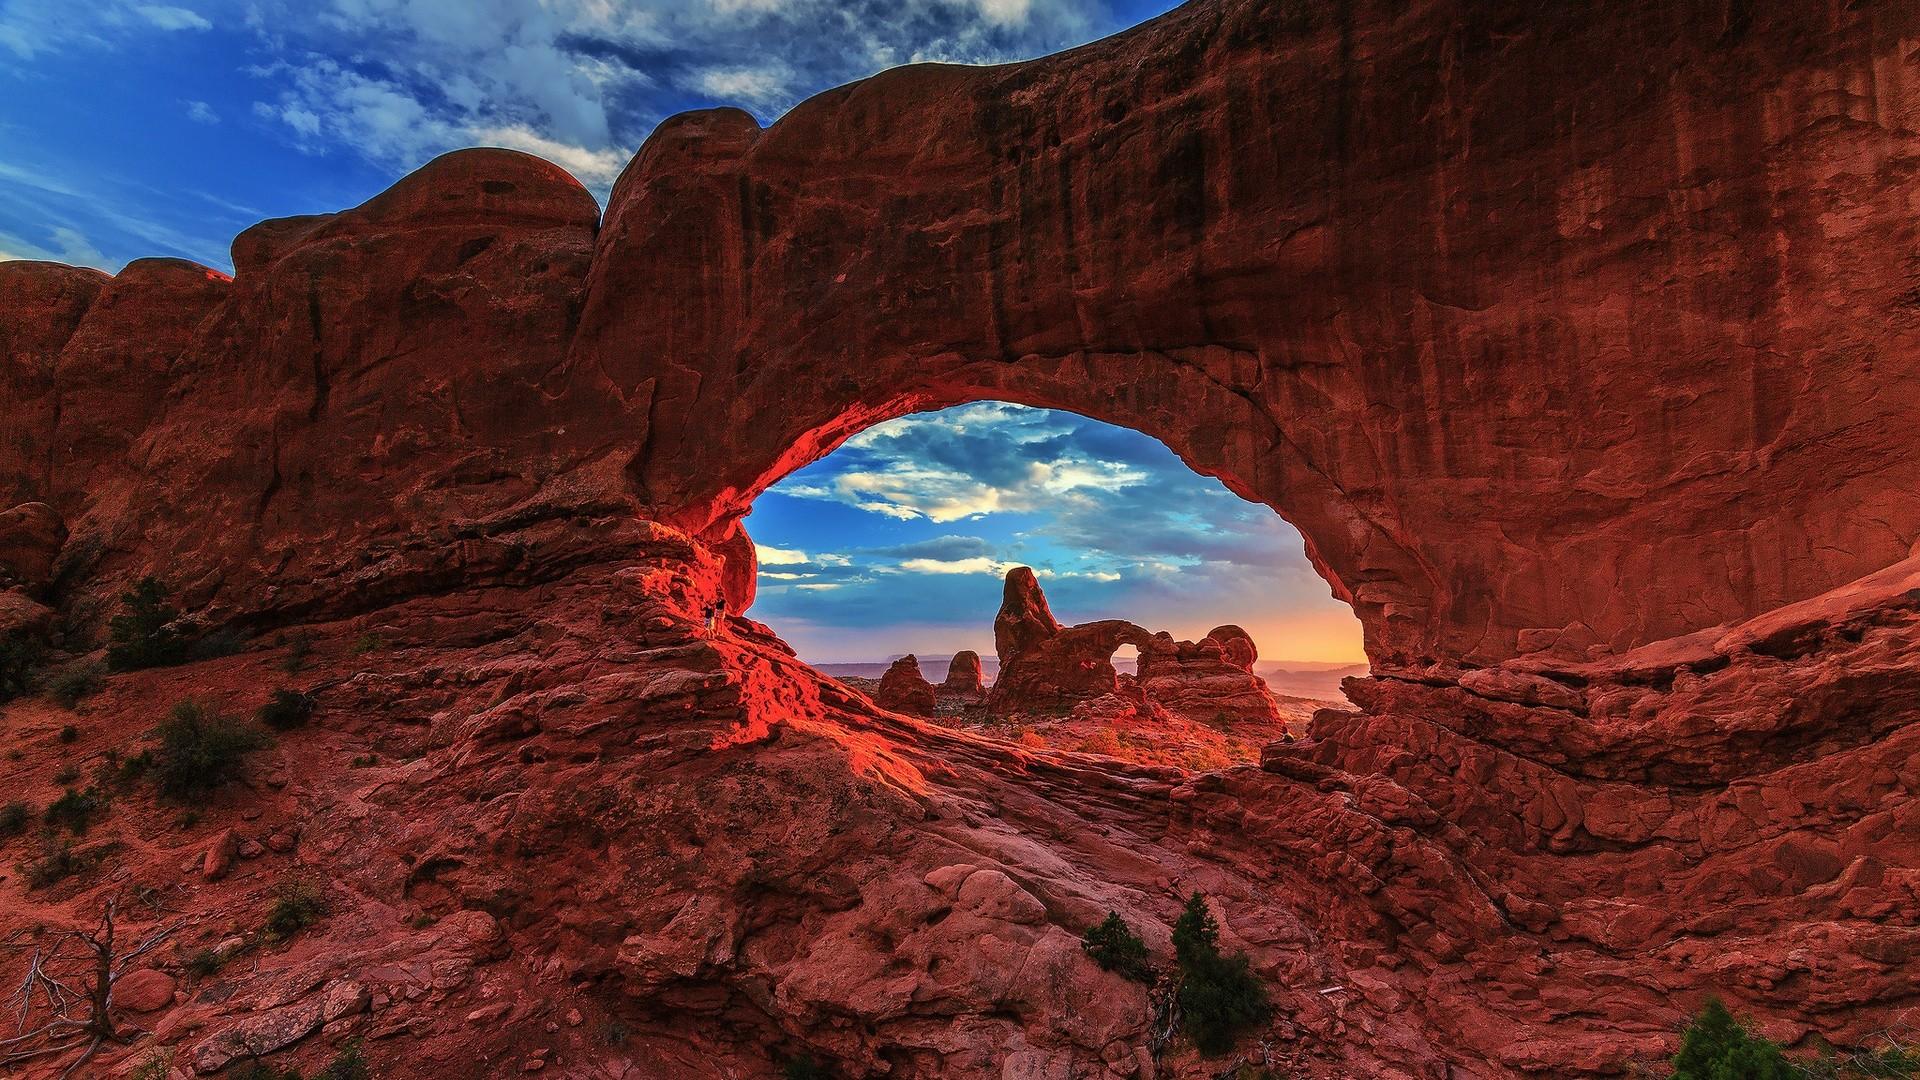 Utah wallpaper photo hd